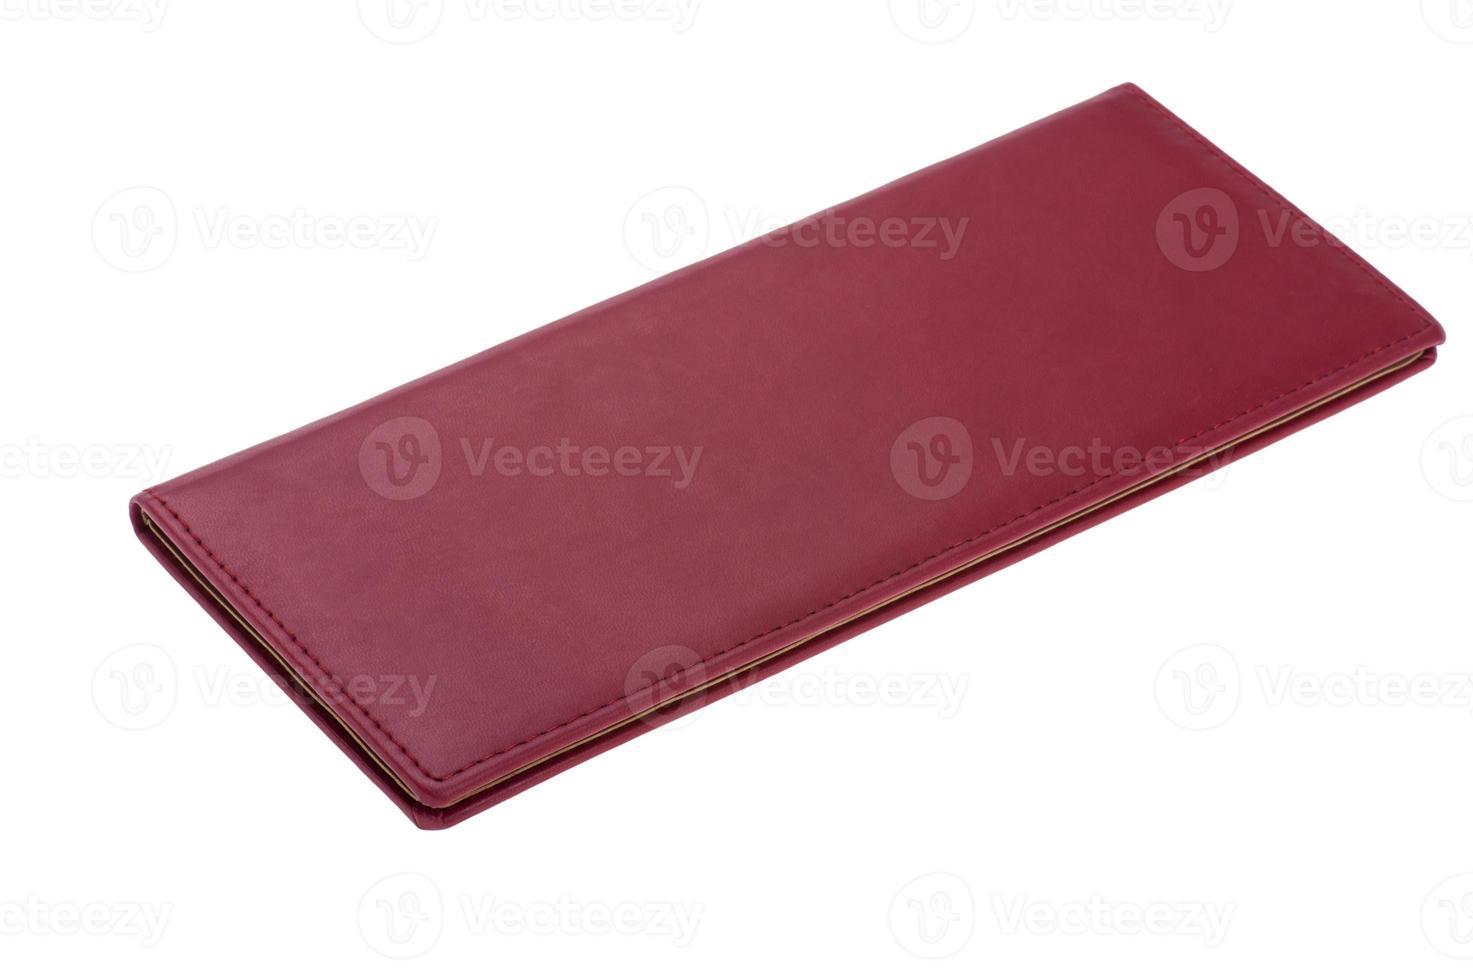 ny röd handbok foto